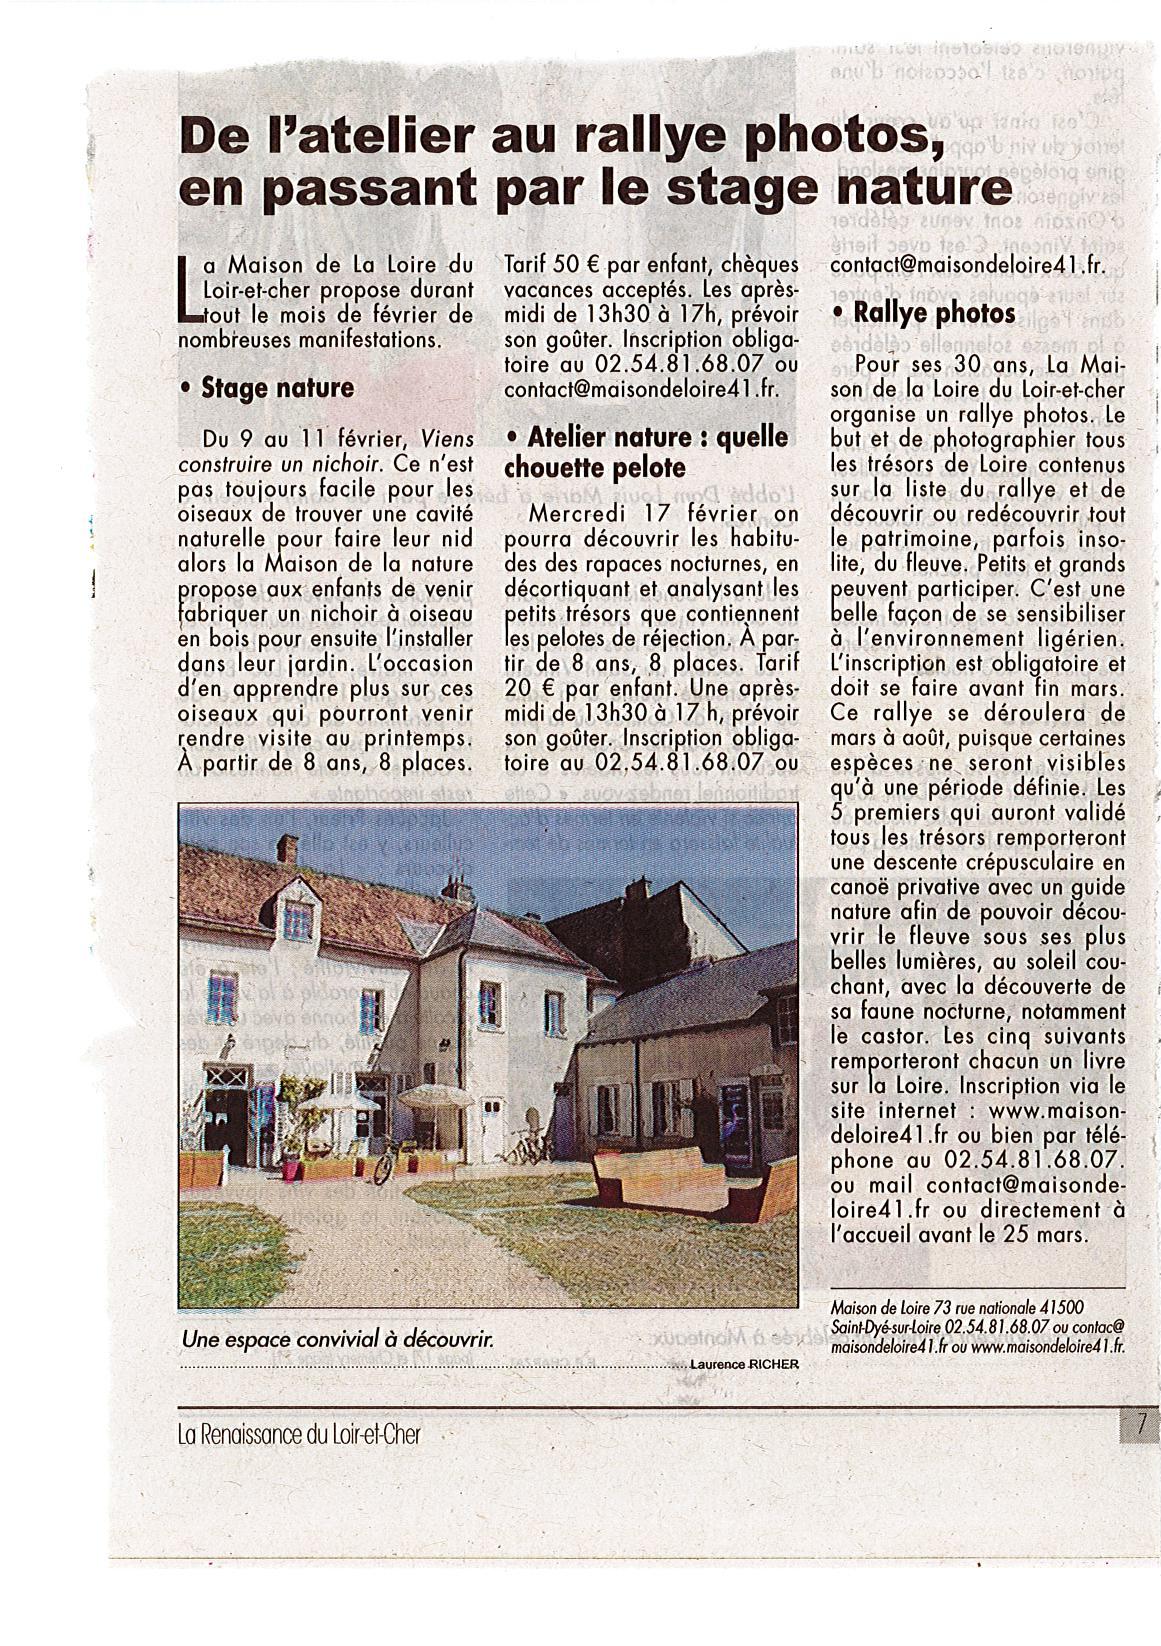 article renaissance janvier 2016